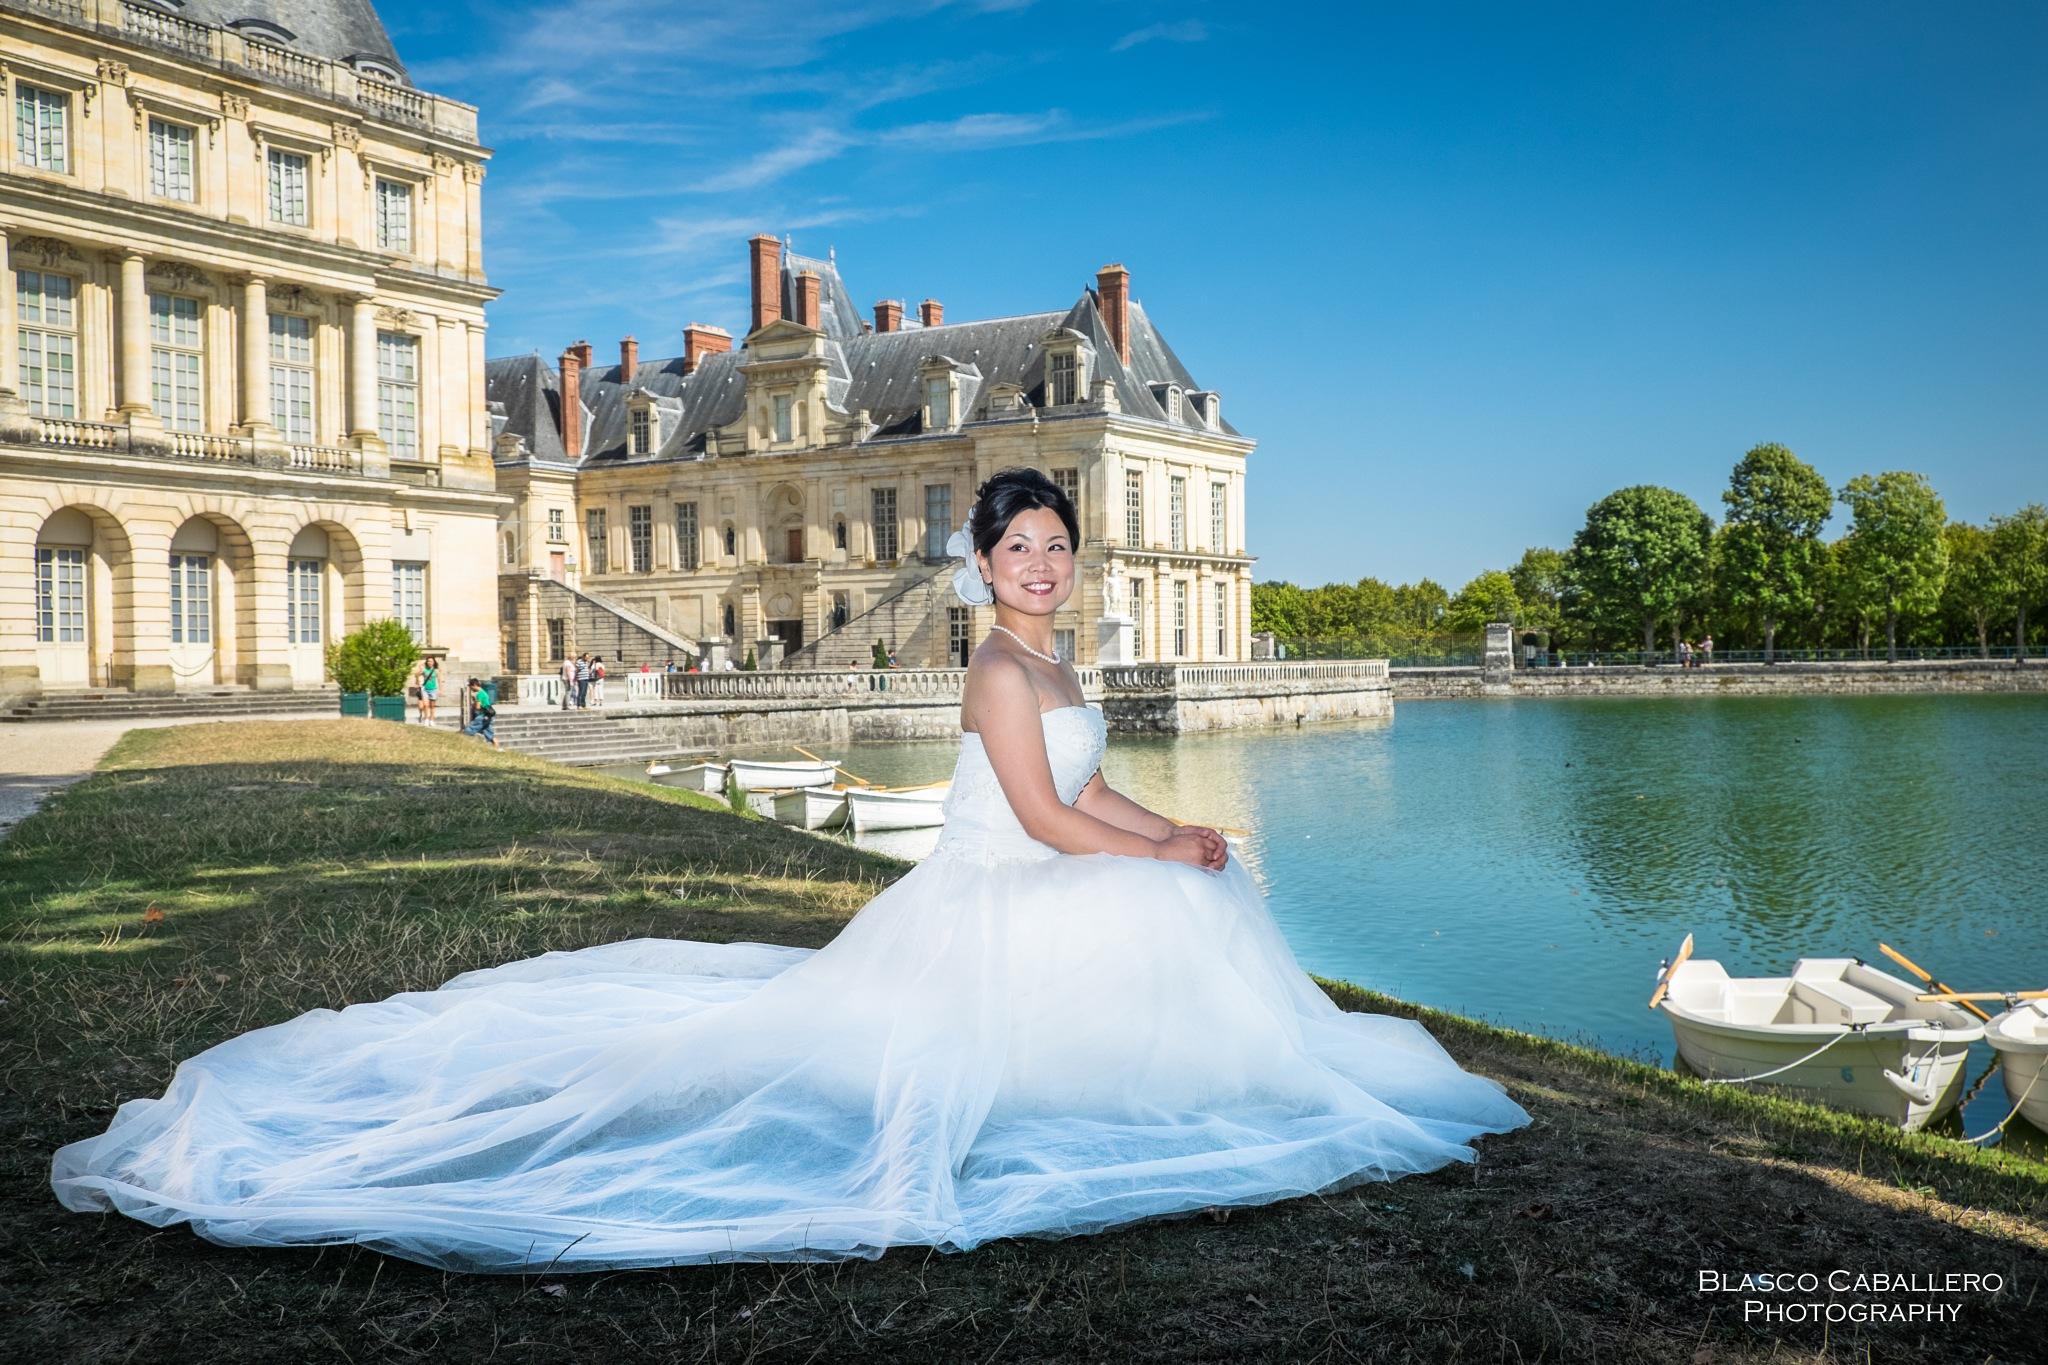 The Bride by Blasco Caballero